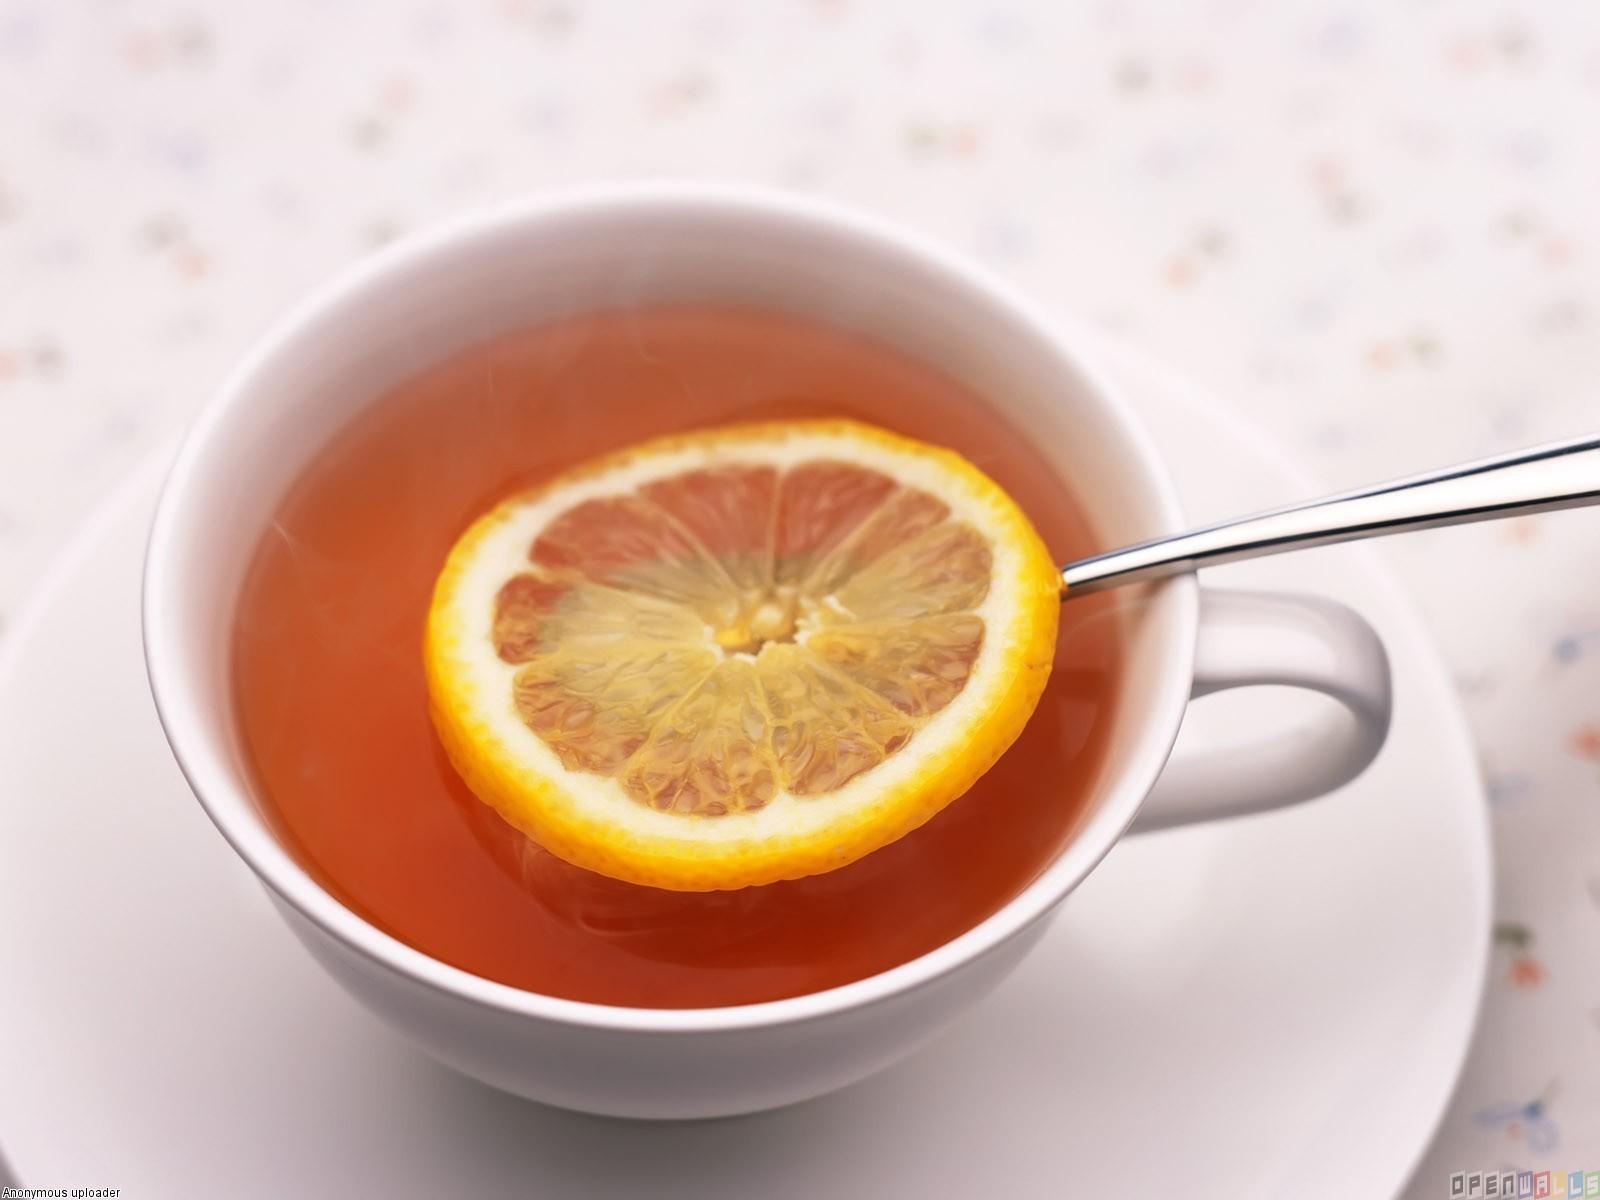 Chá da Casca de Laranja para Perder Peso